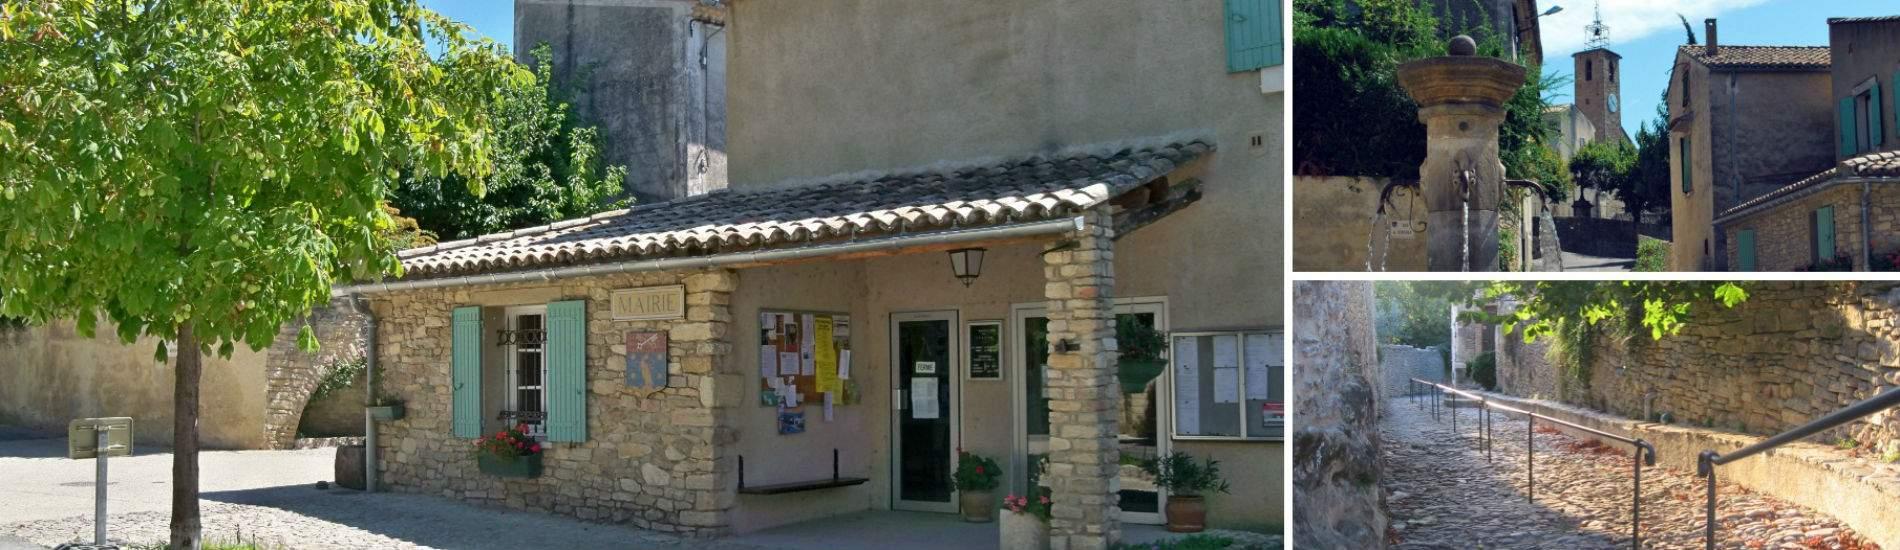 Mairie du village de Faucon, Provence, Vaucluse (84110)